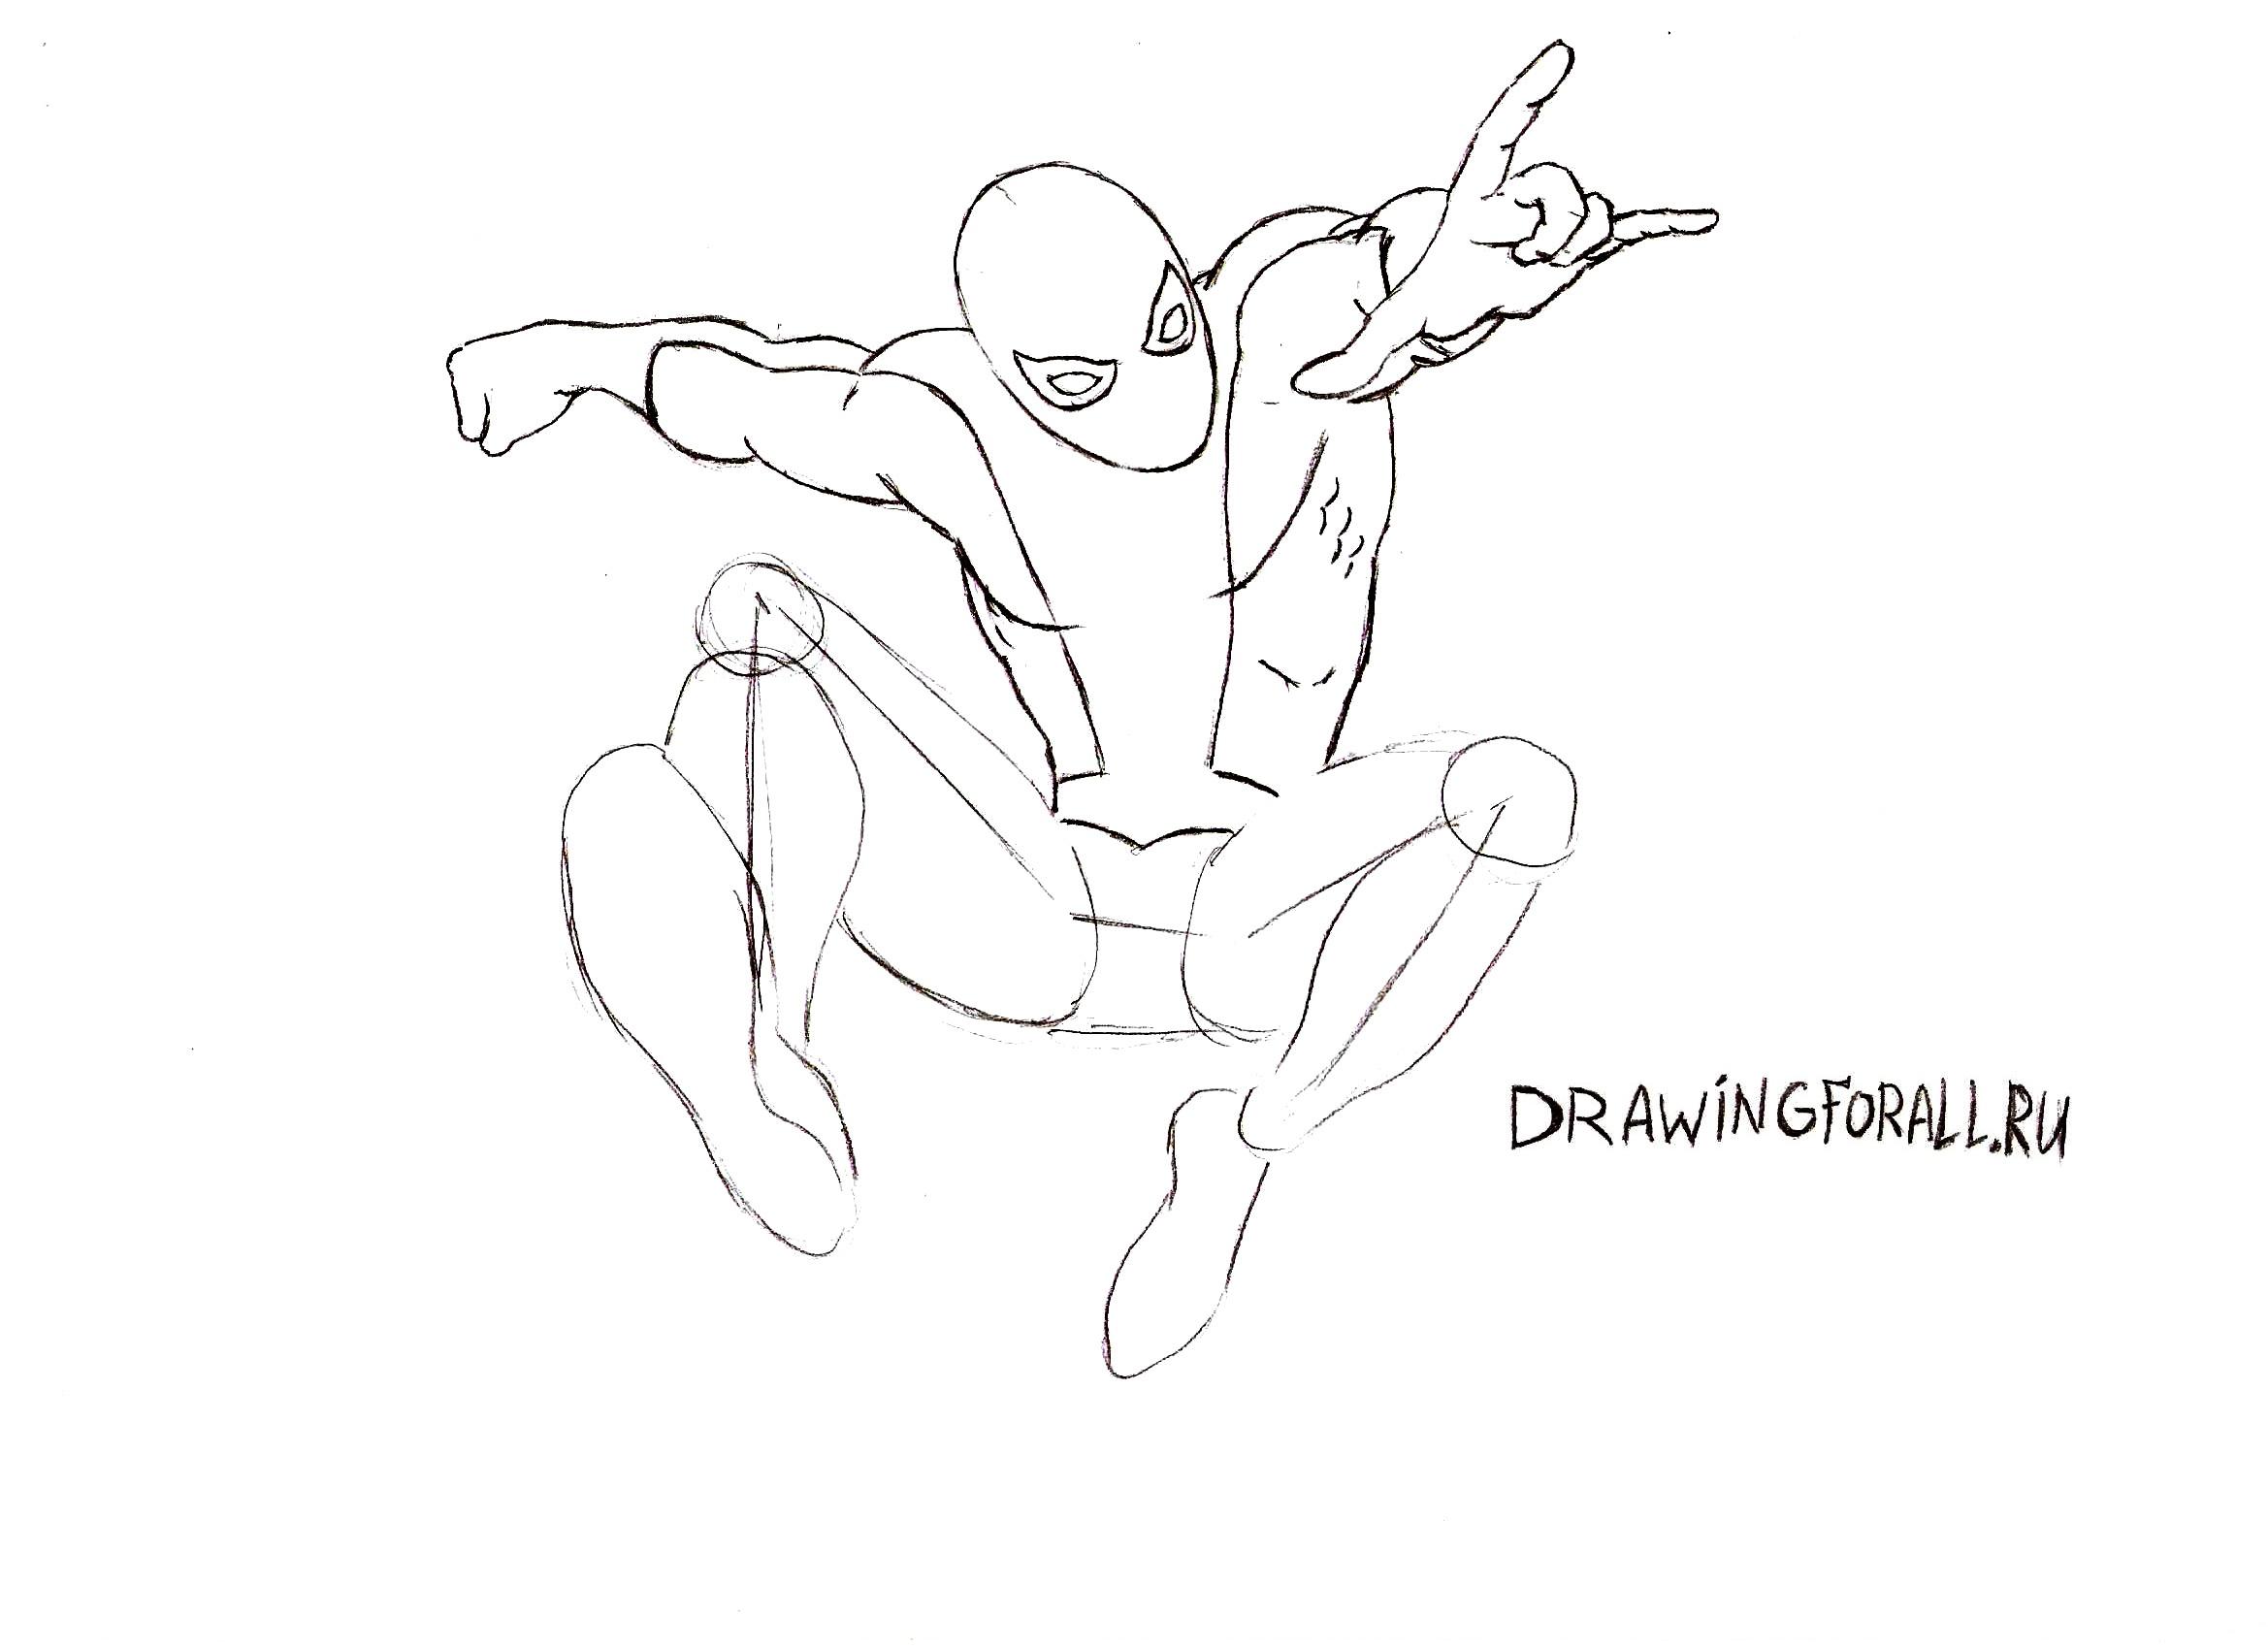 Как нарисовать Человека-Паука карандашом поэтапно